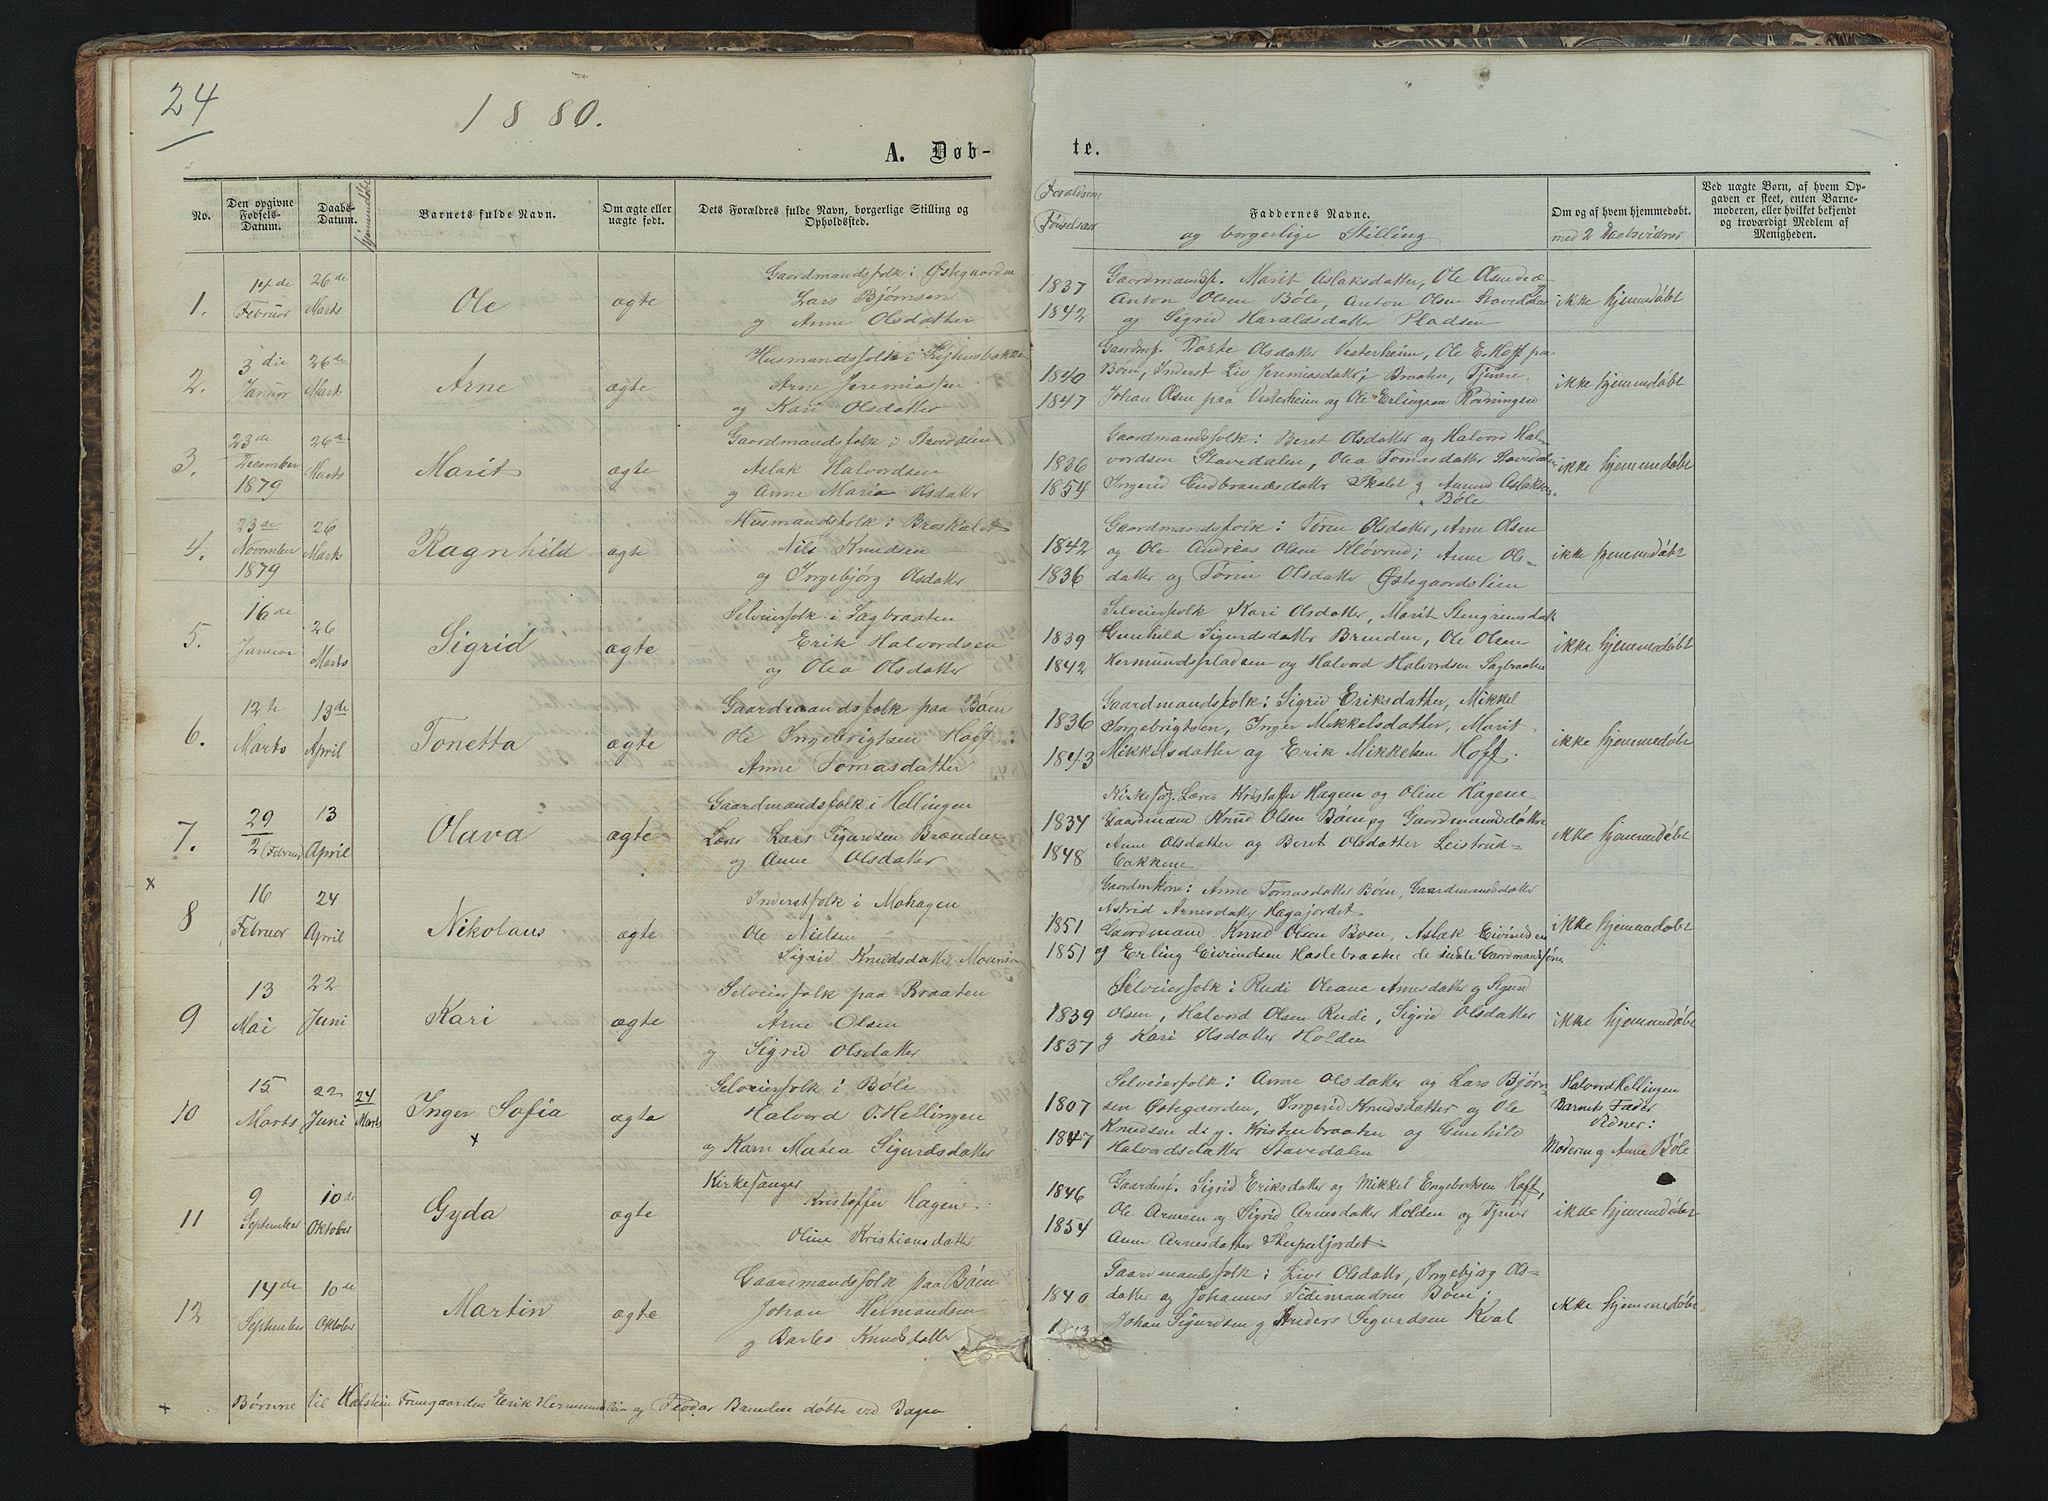 SAH, Sør-Aurdal prestekontor, Klokkerbok nr. 6, 1866-1893, s. 24